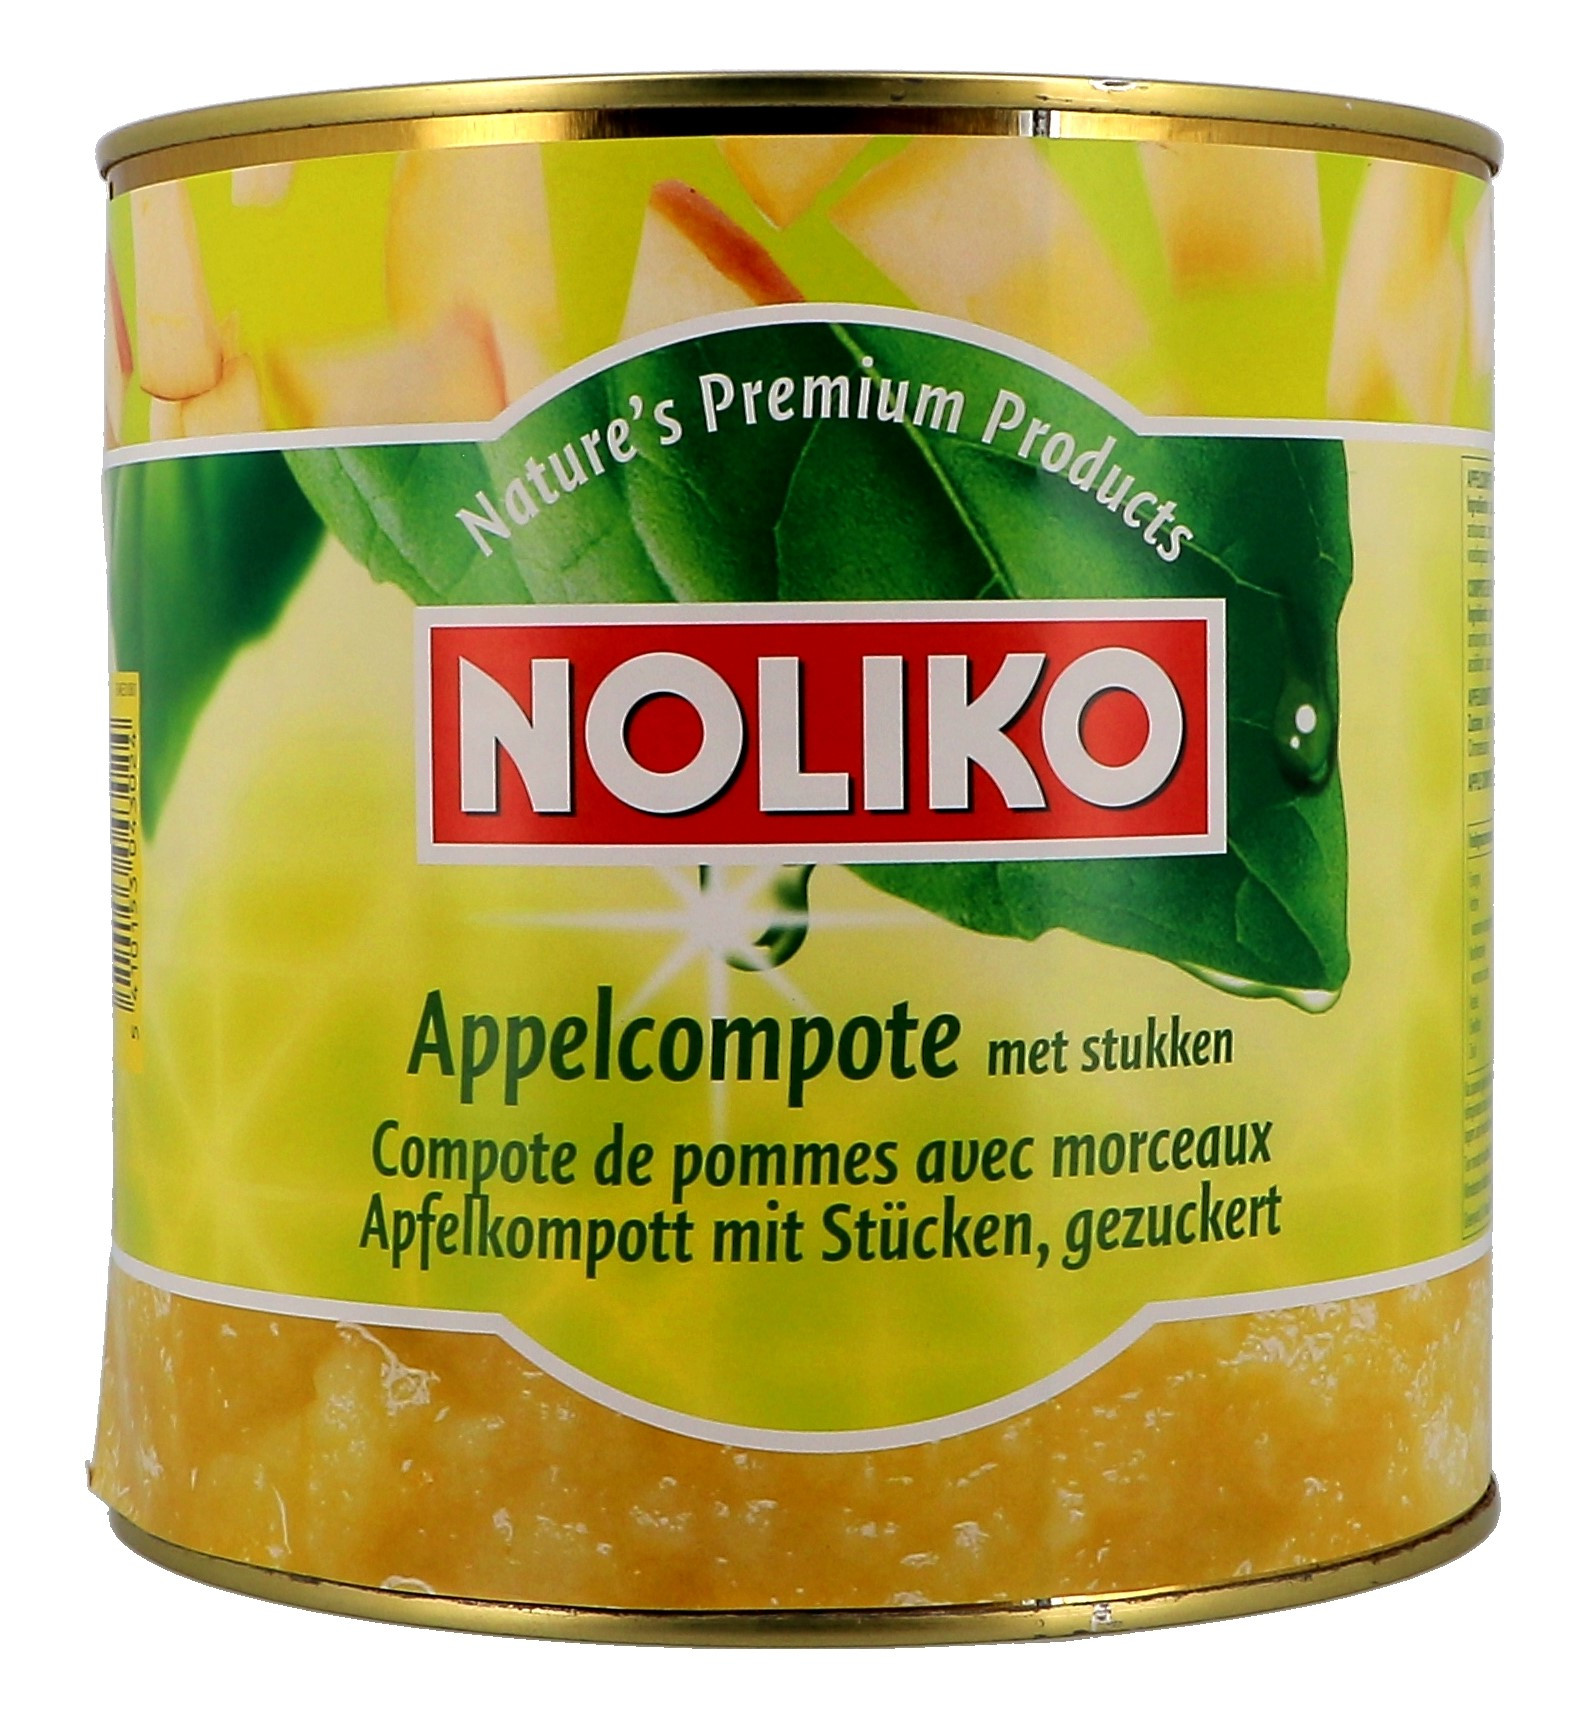 Appelmoes met stukken 3L Noliko (Fruitconserven)